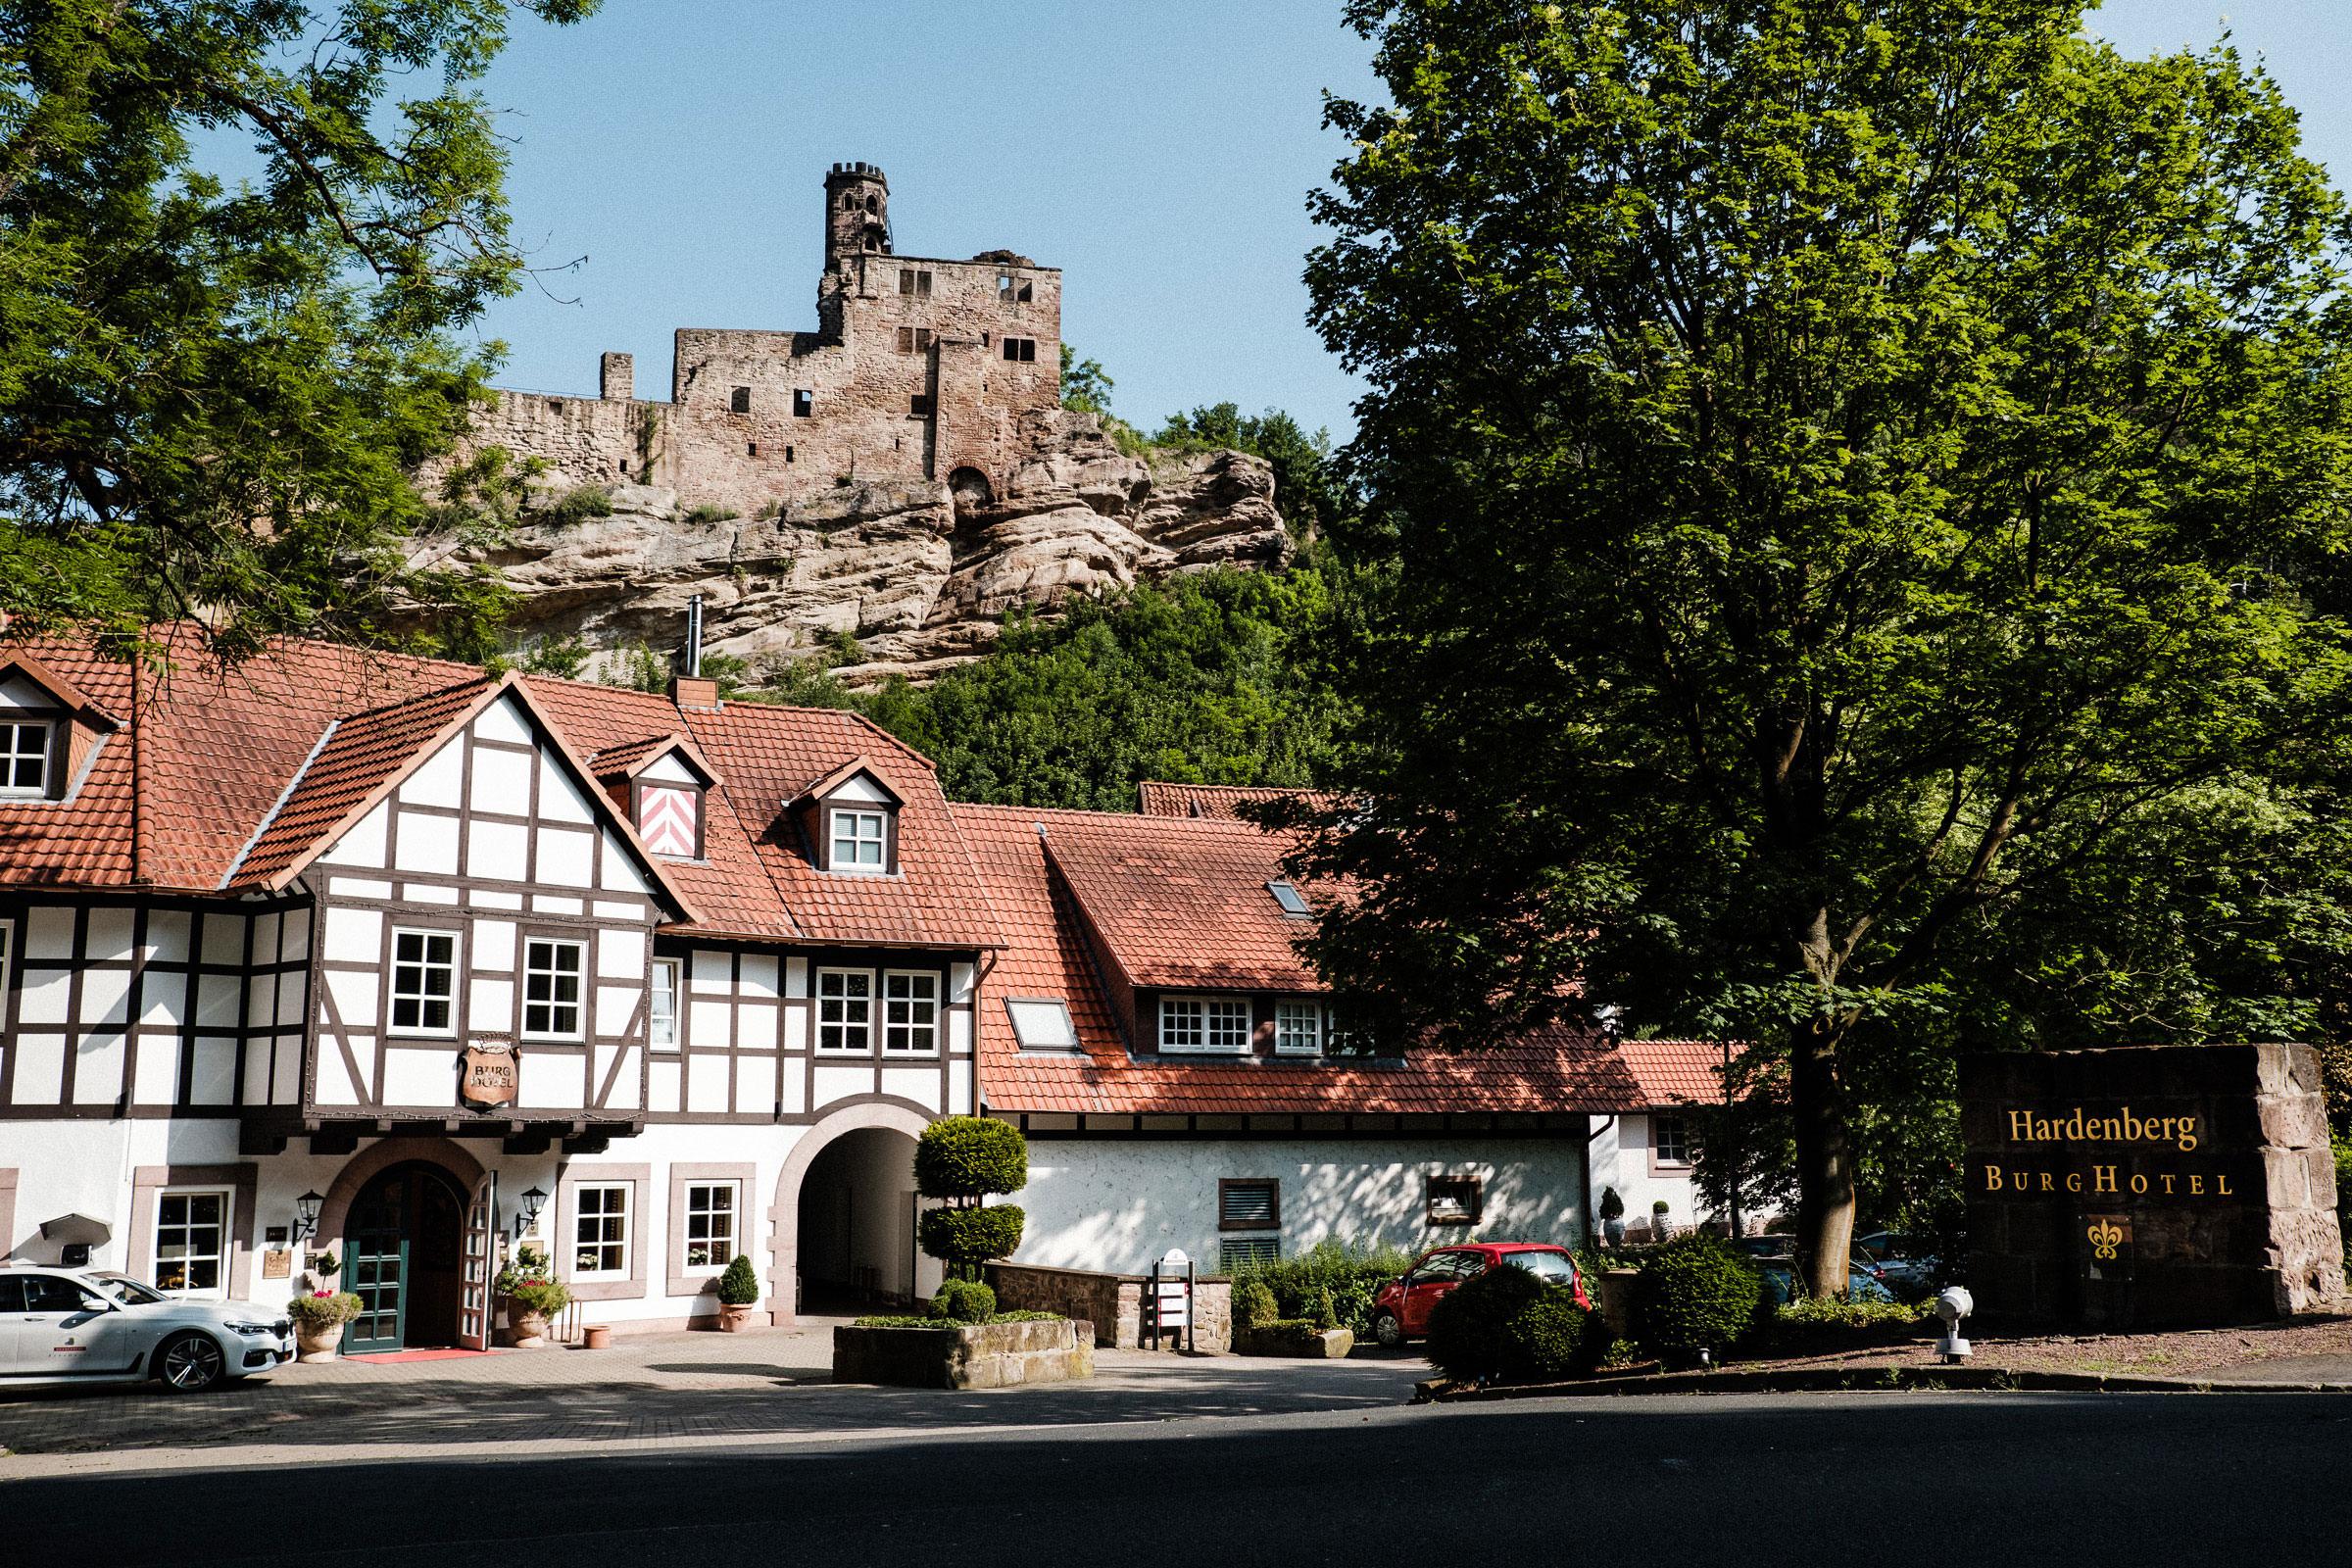 Das Burghotel Hardenberg und im Hintergrund die Burgruine Hardenberg